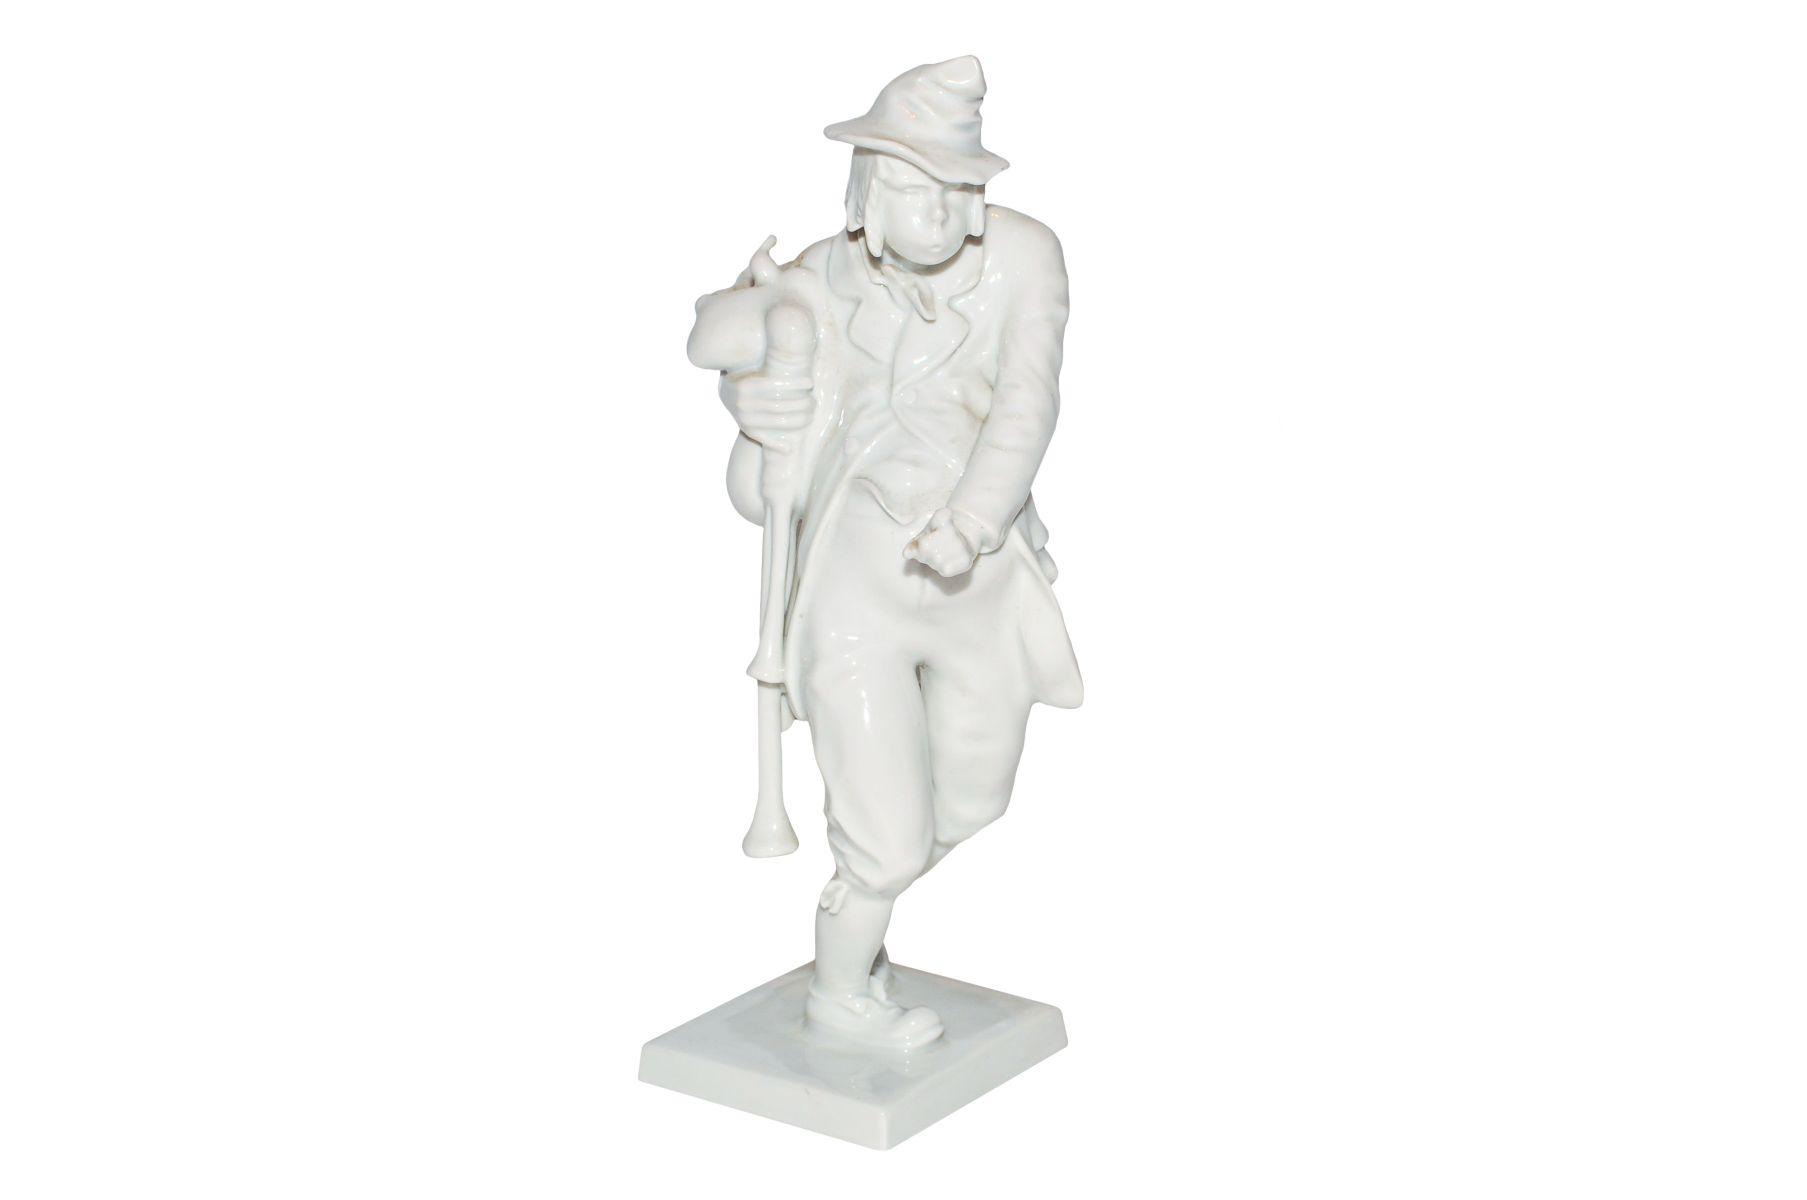 """#154 Figurine """"Dear Augustin"""" Augarten   Figur """"Lieber Augustin"""" Augarten Image"""